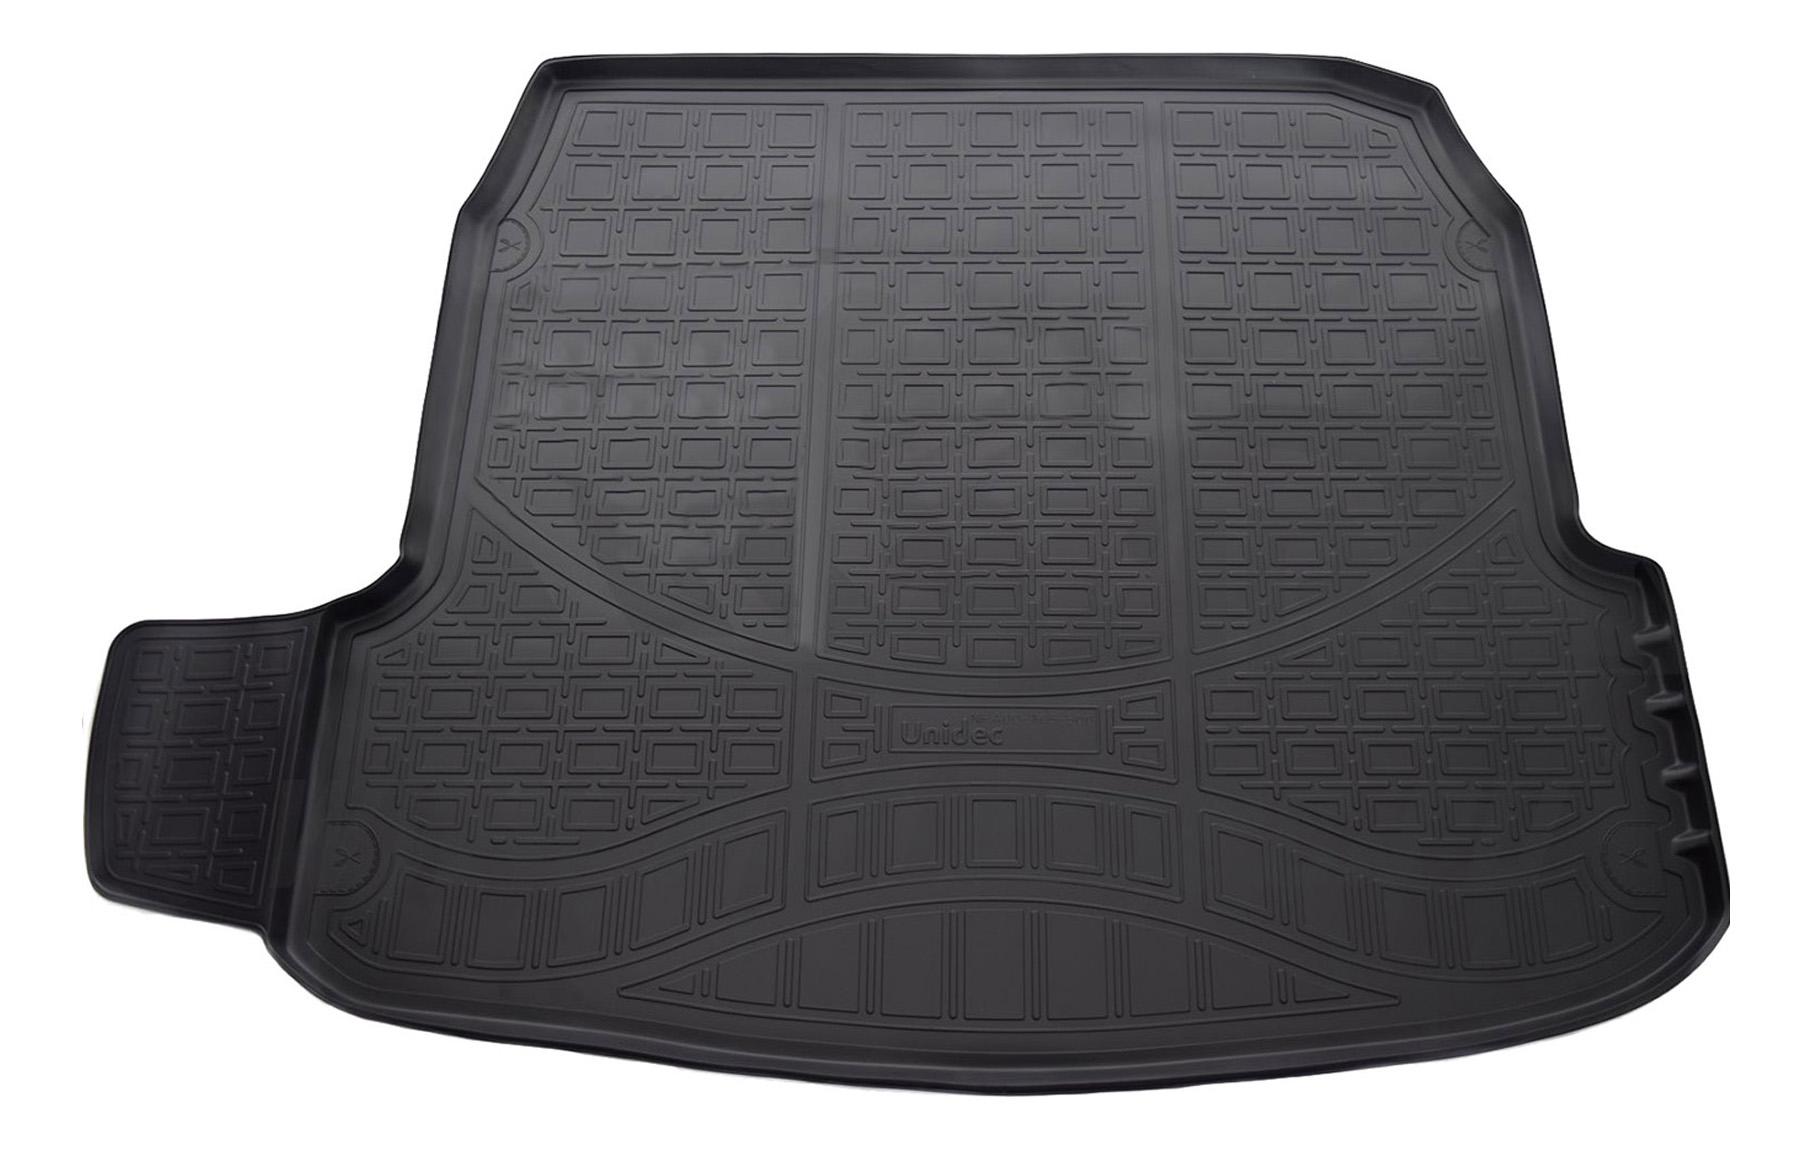 Коврик в багажник автомобиля для KIA Norplast (NPA00-T43-650)